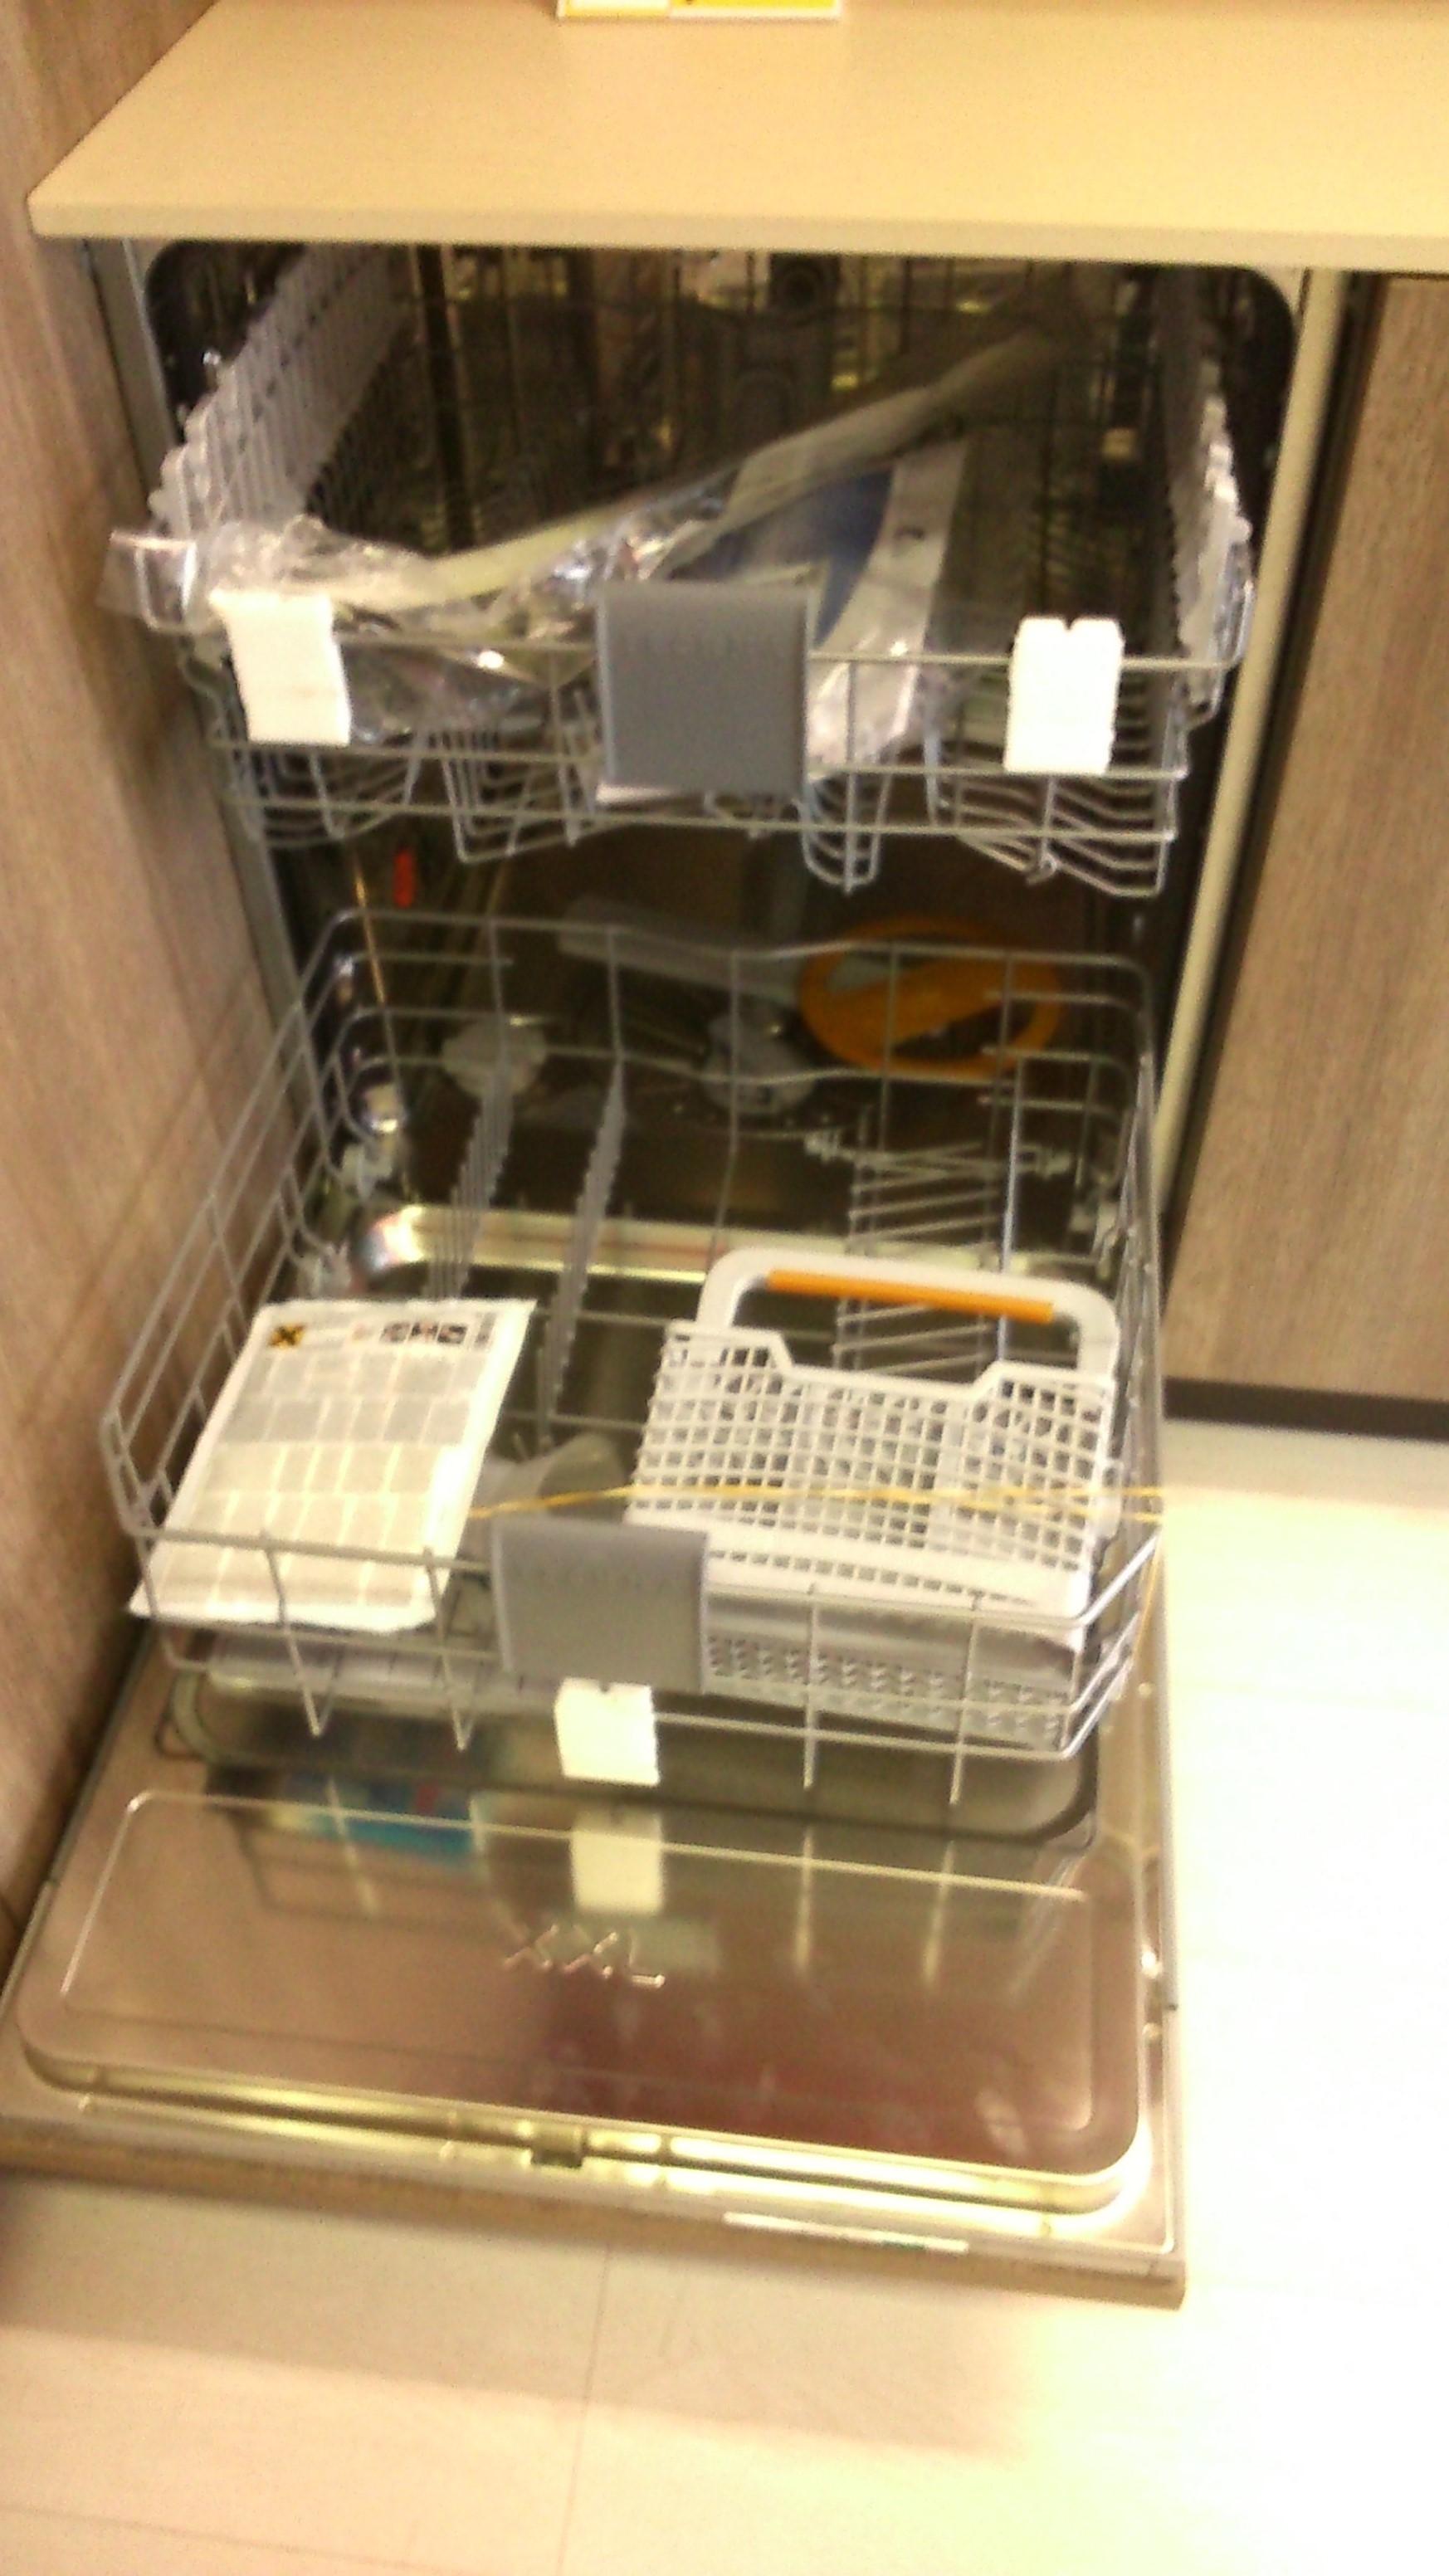 lavastoviglie techna green TT802 - Elettrodomestici a prezzi scontati